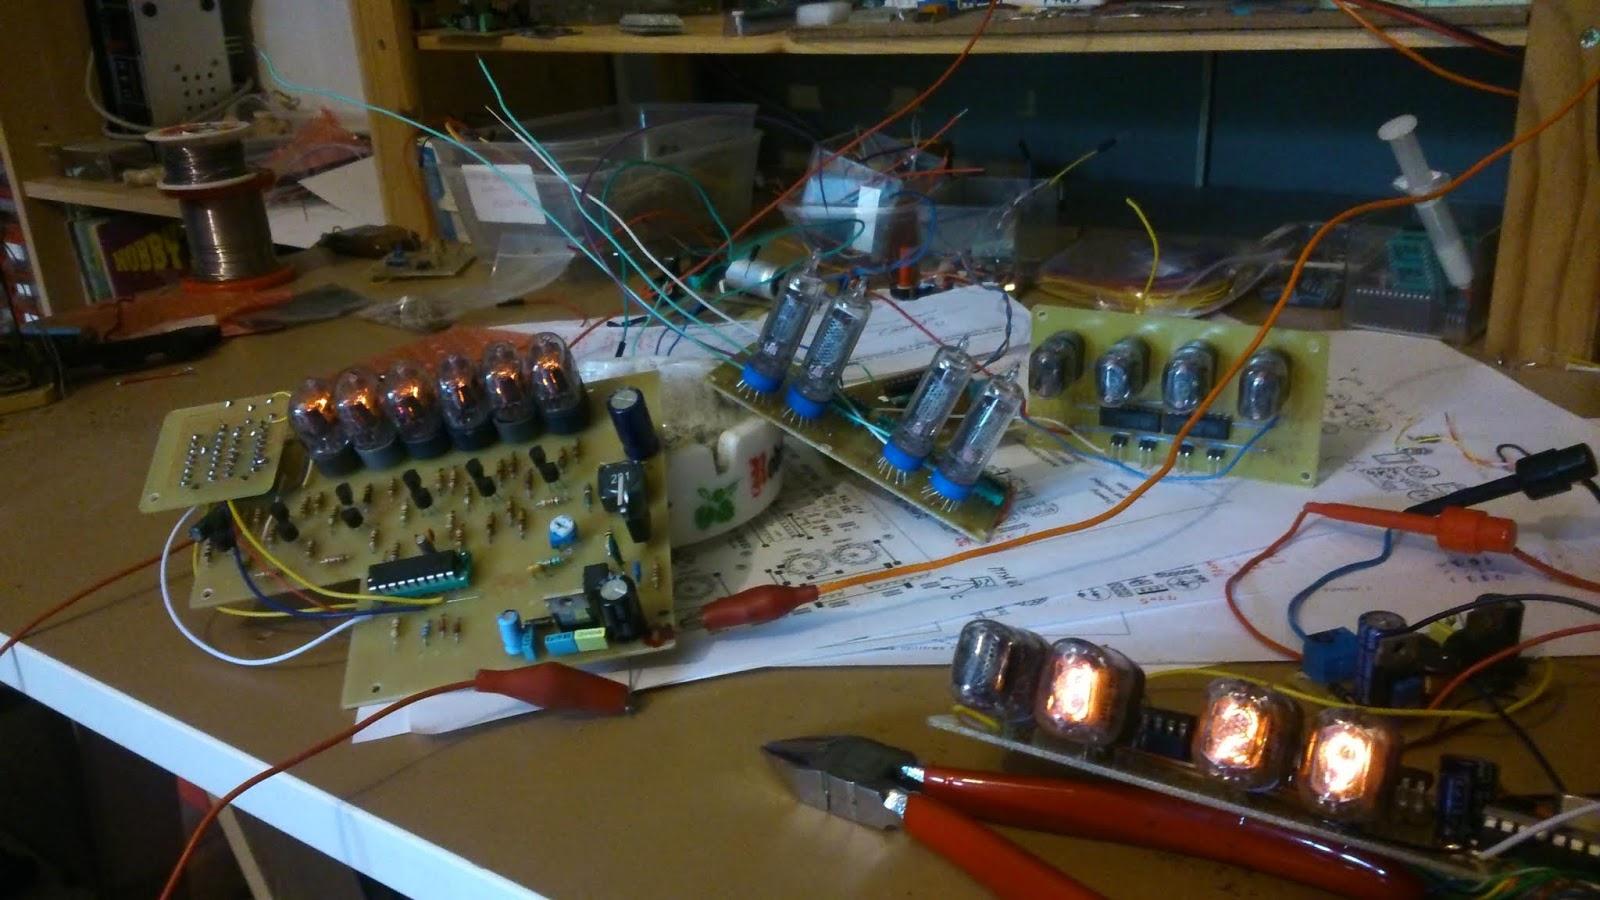 elektrax2012